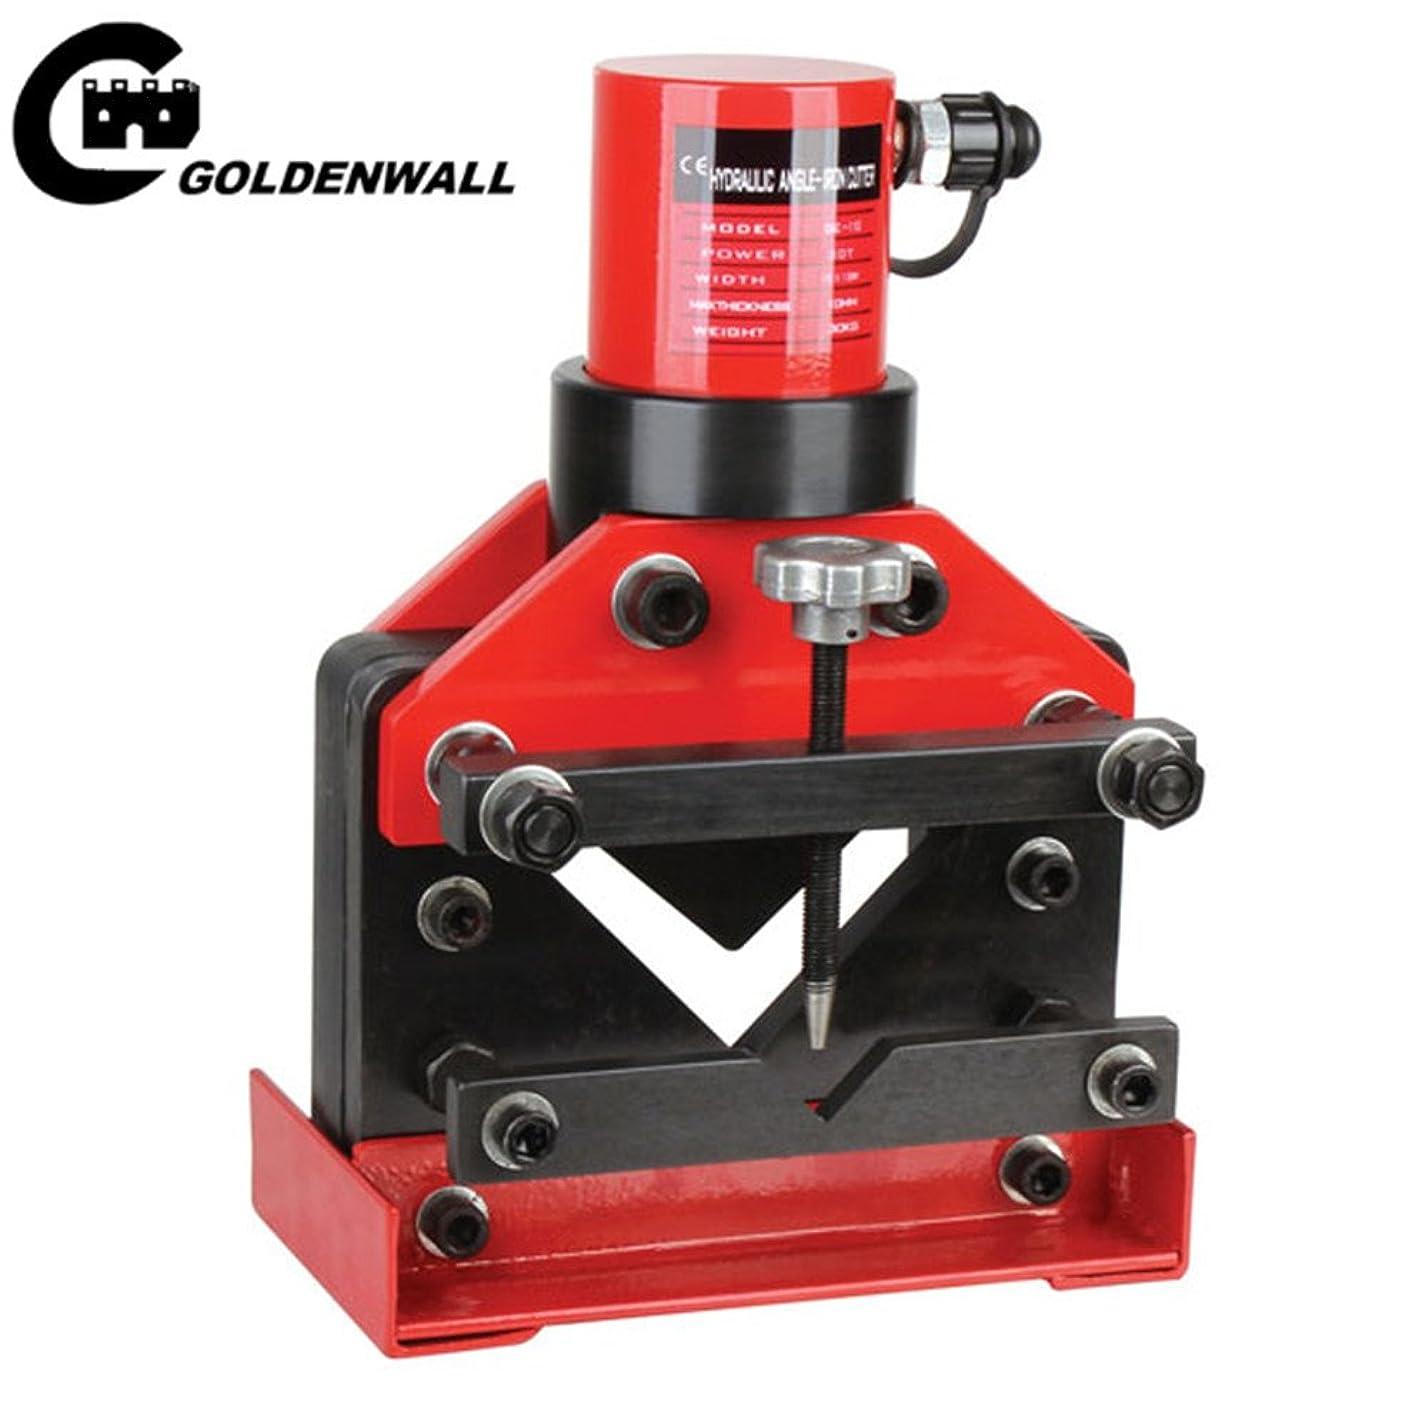 不十分掃くジョセフバンクスCGOLDENWALL CAC-75 CAC-110  油圧スプリットアングルカッター  山形鋼カッター CP-700ポンプ付 英語取扱説明書 (CAC-75)